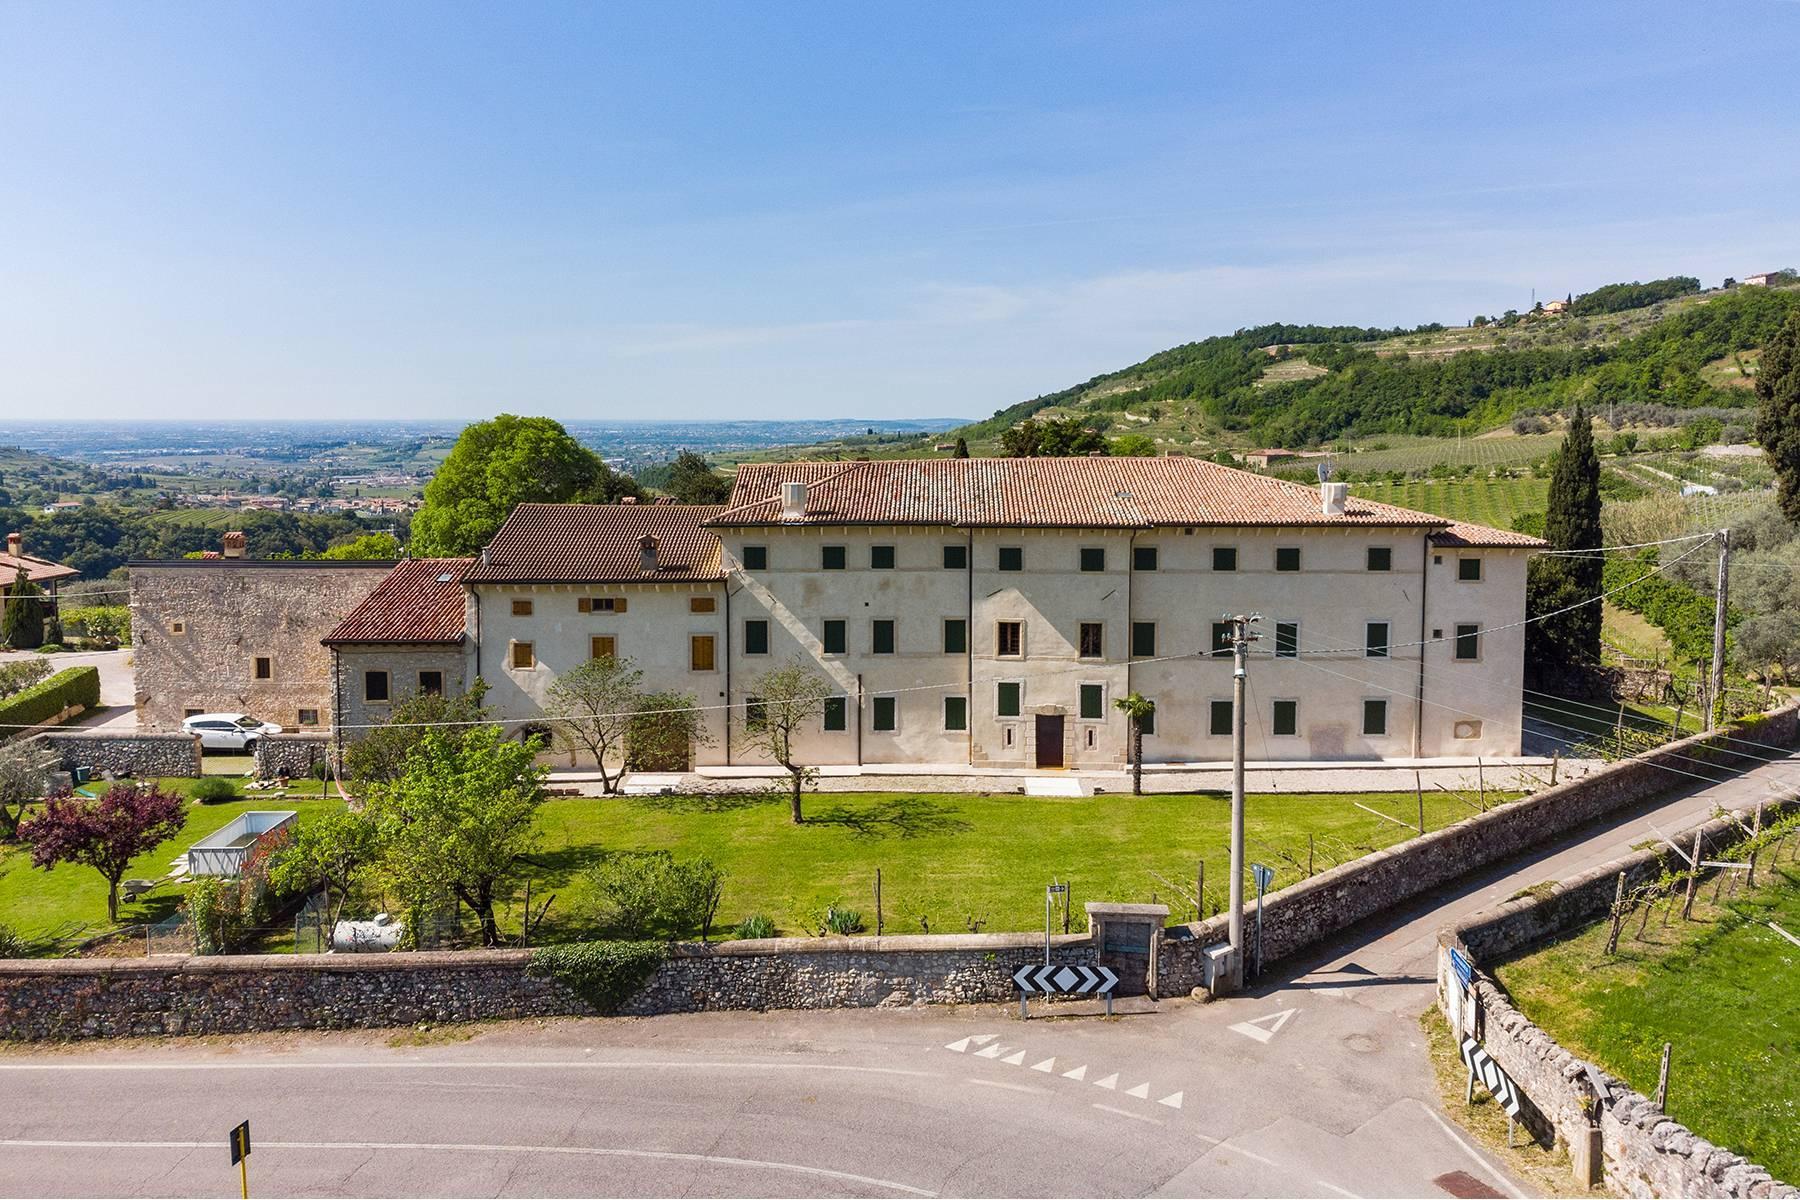 Historische Villa mit Park und prächtigem alten Keller, umgeben von Weinbergen - 6